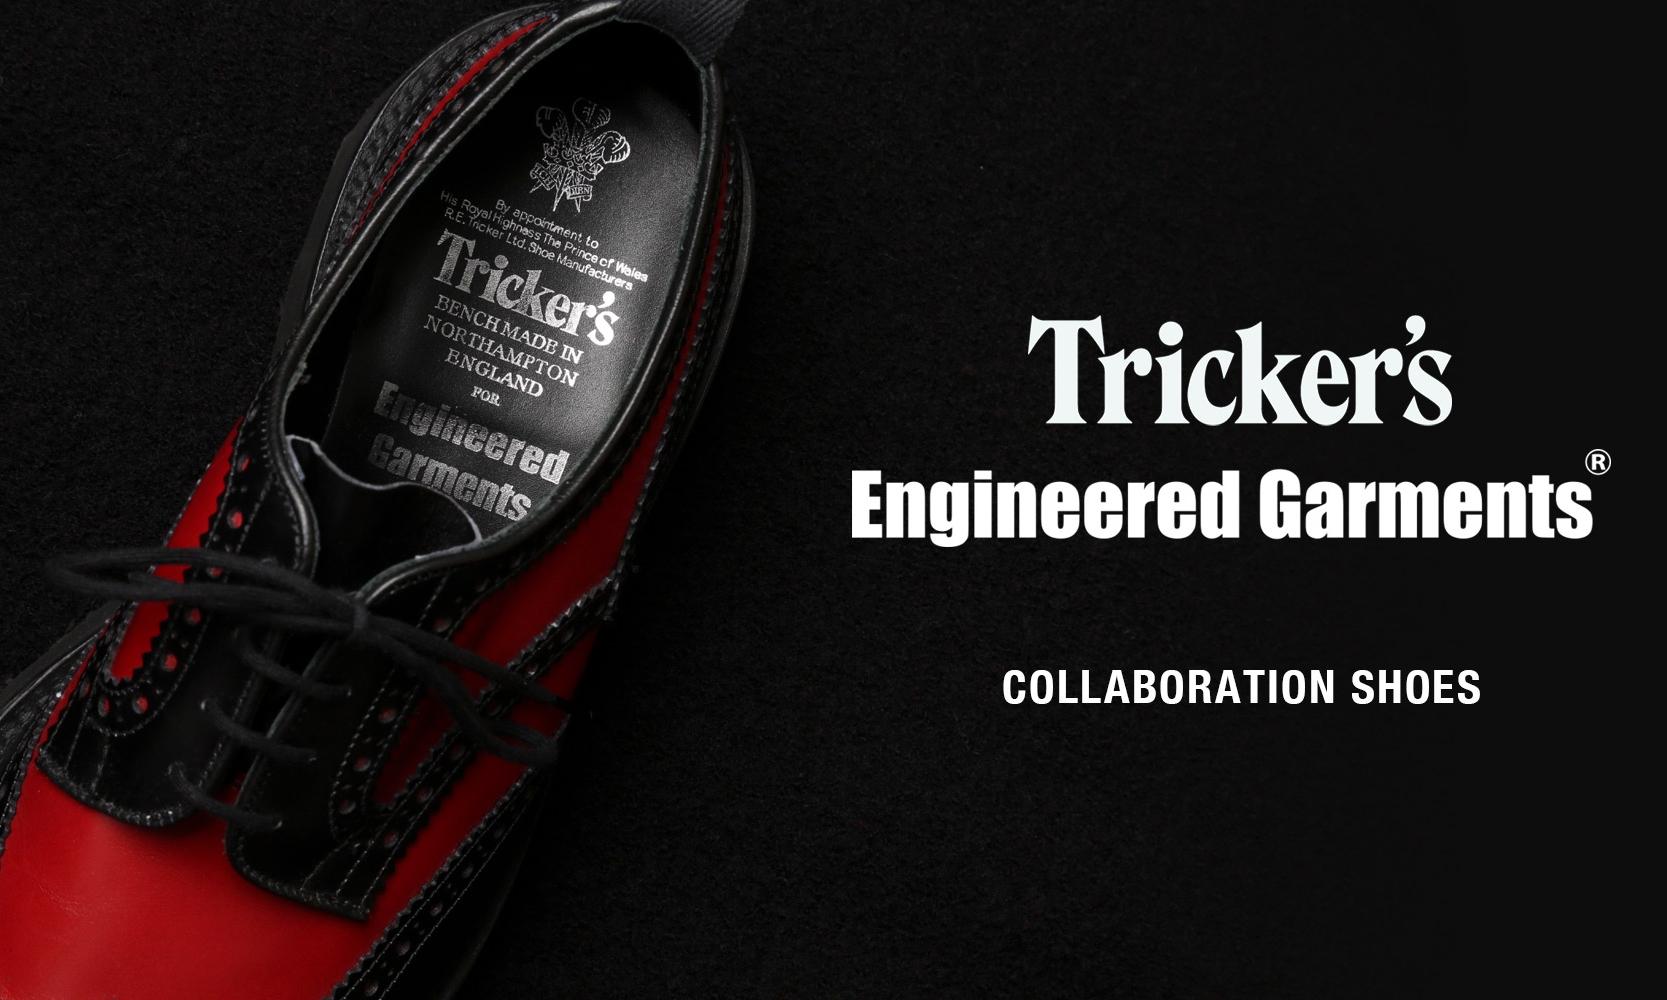 英式绅士,Engineered Garments x TRICKER'S 发布联乘鞋款